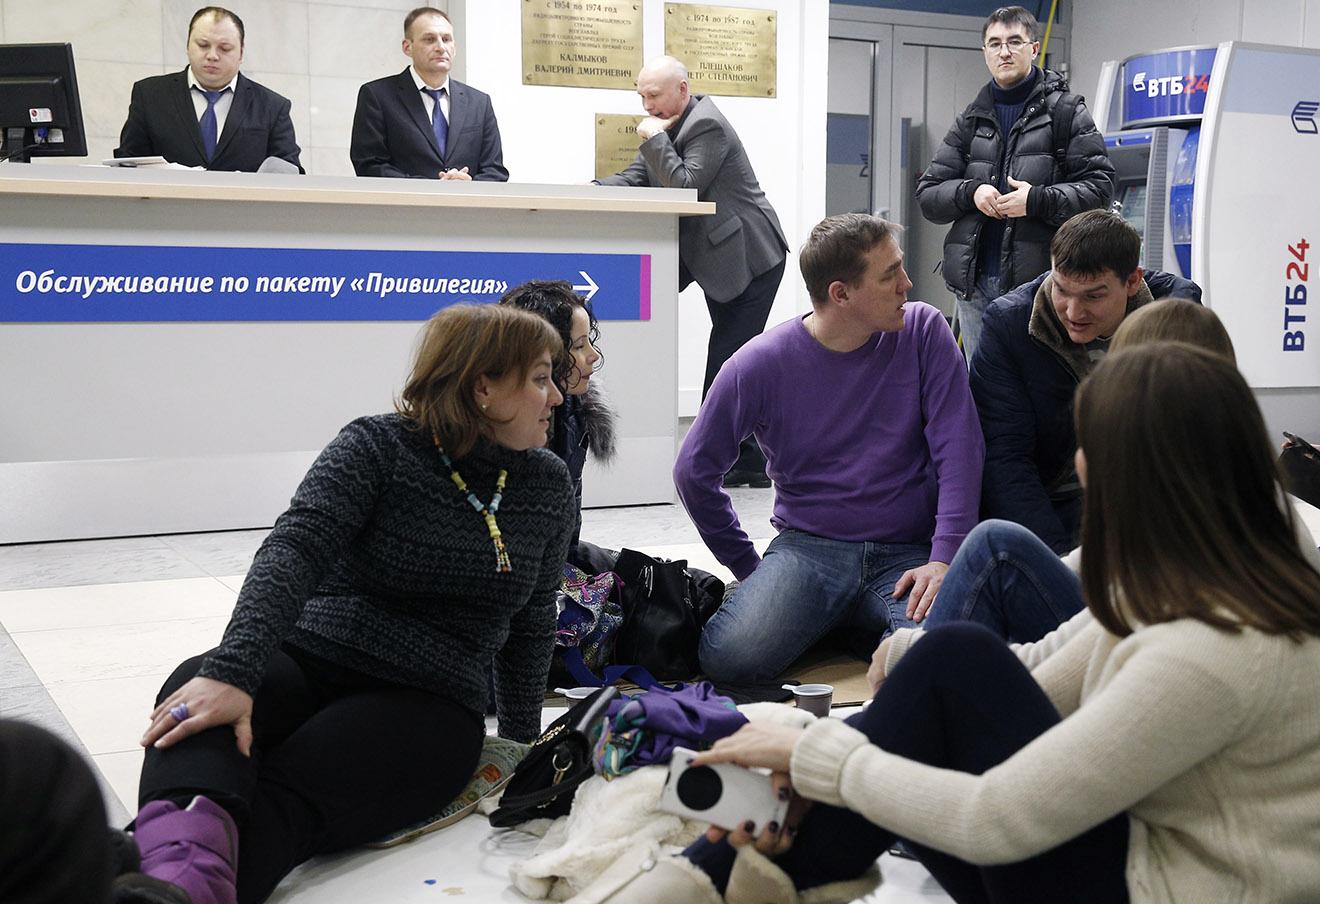 Участники акции протеста валютных заемщиков в здании банка ВТБ24 с требованием пересмотреть условия их договоров в связи с падением курса рубля, 25 января 2016 года.